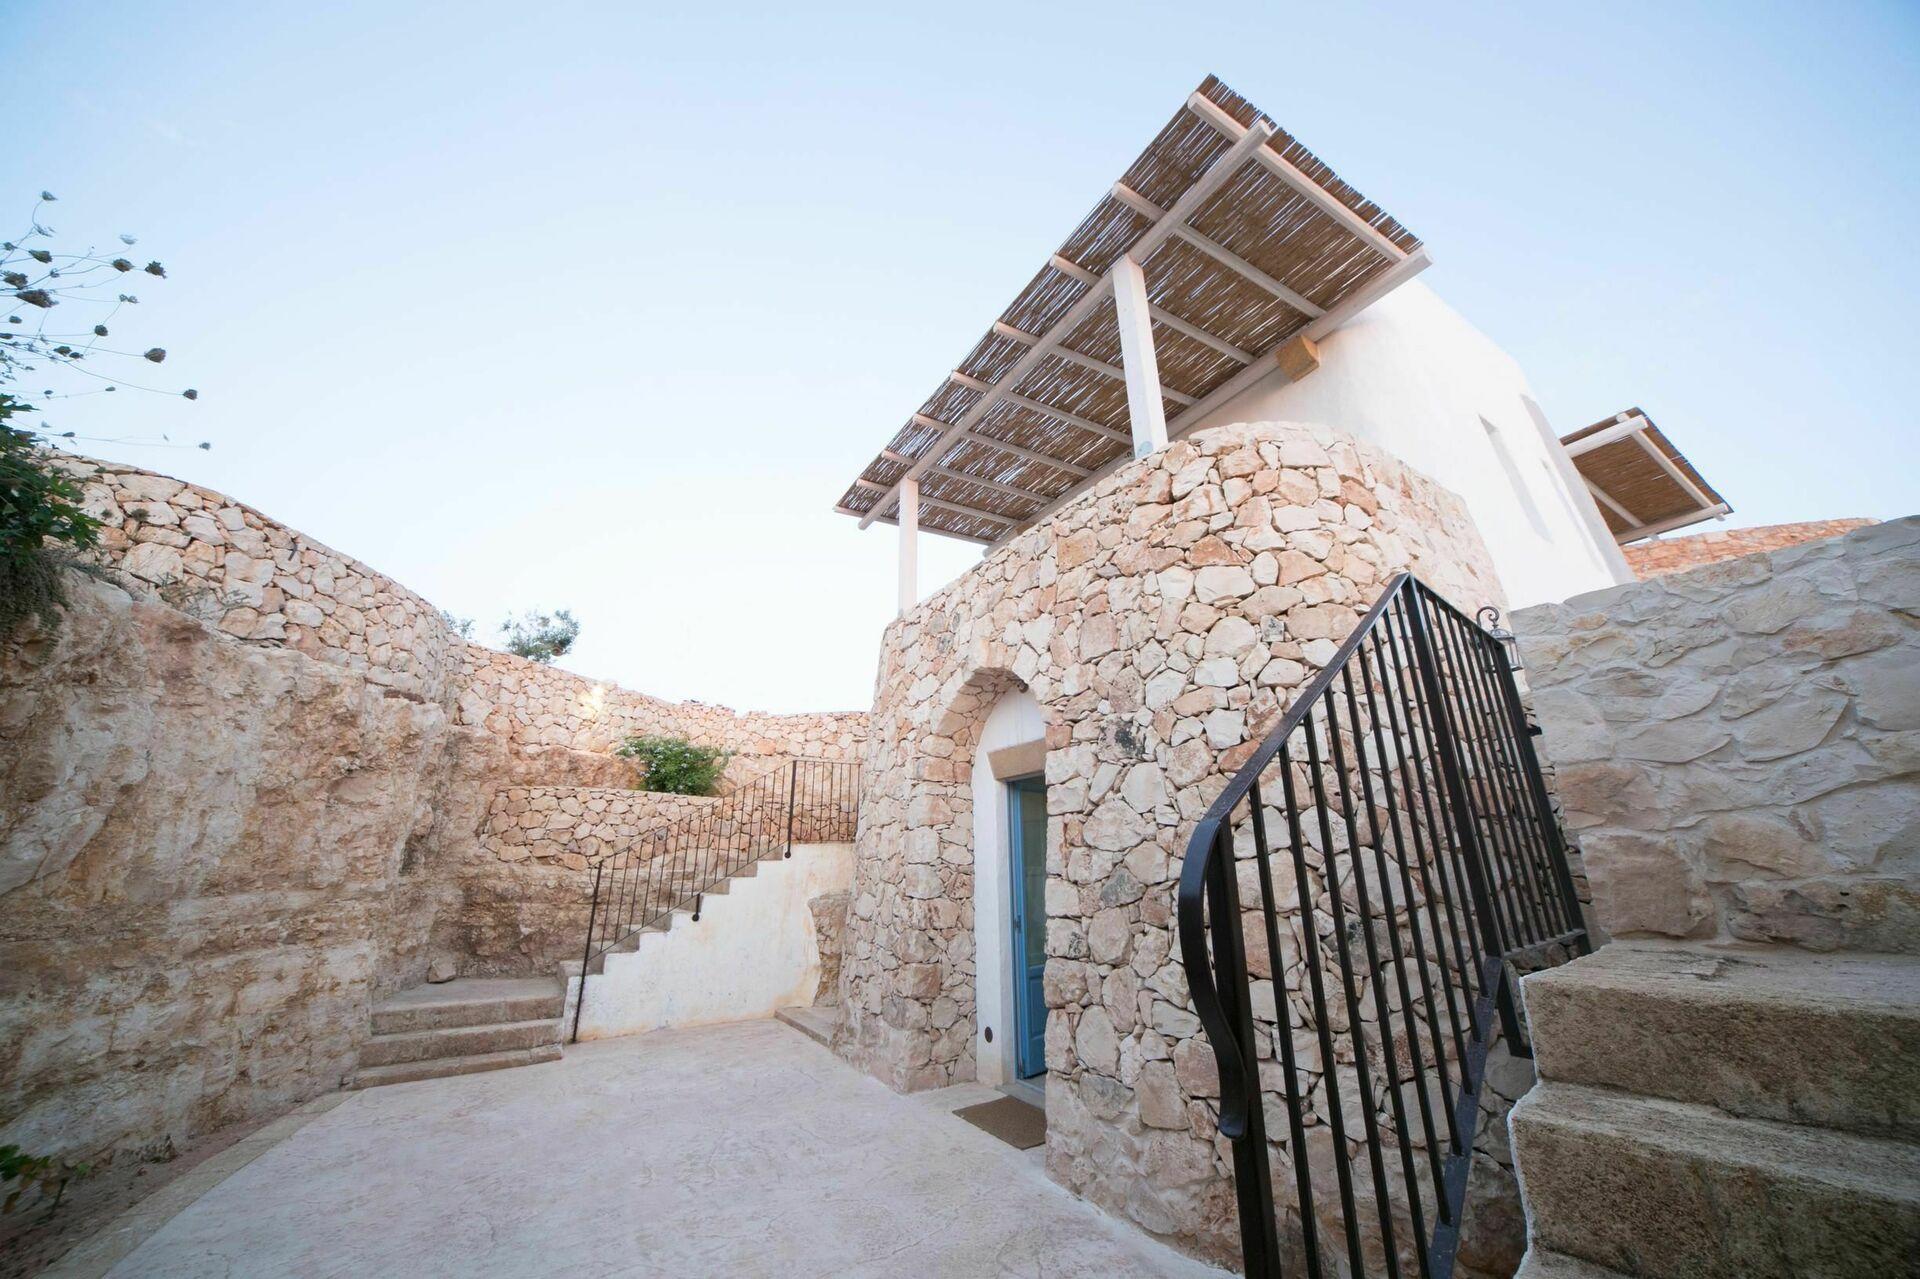 Trullo Torre Suda Villa vacanza a Torre Suda Salento Puglia  8 letti in 4 camere da letto